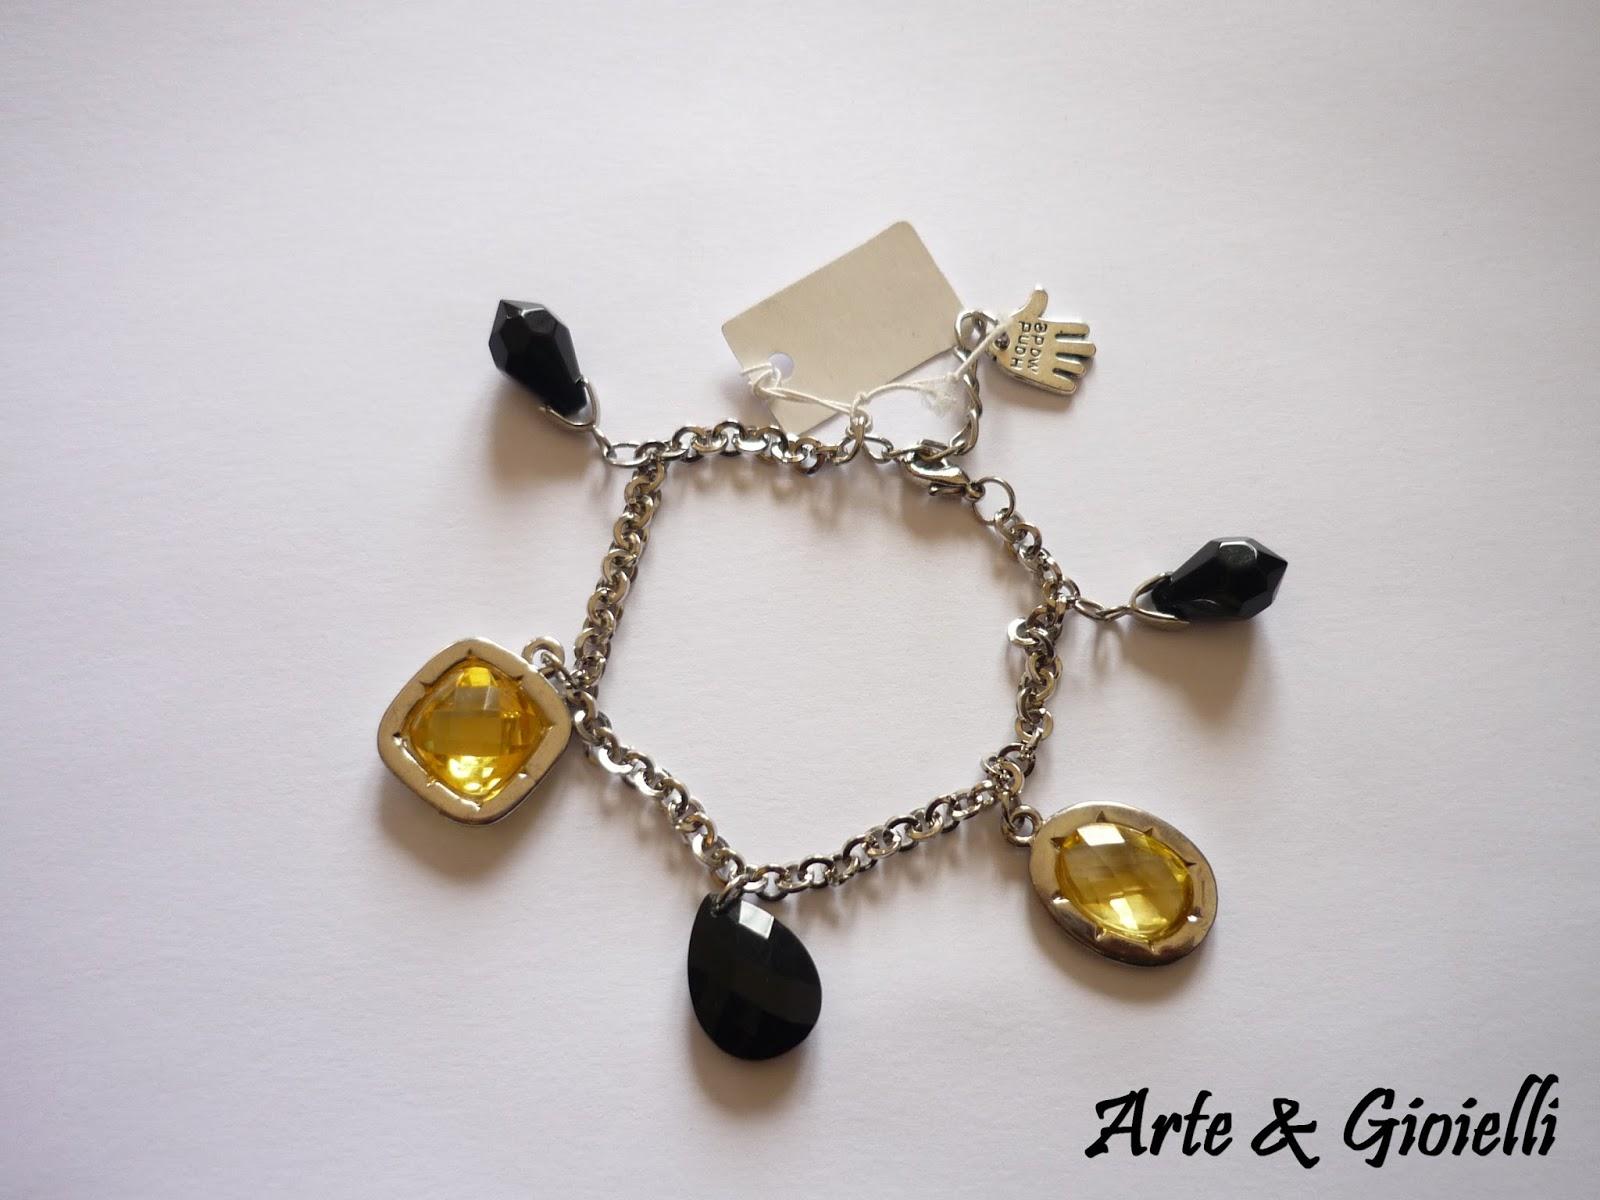 Arte gioielli bracciali con charms pendenti for Siti cinesi gioielli